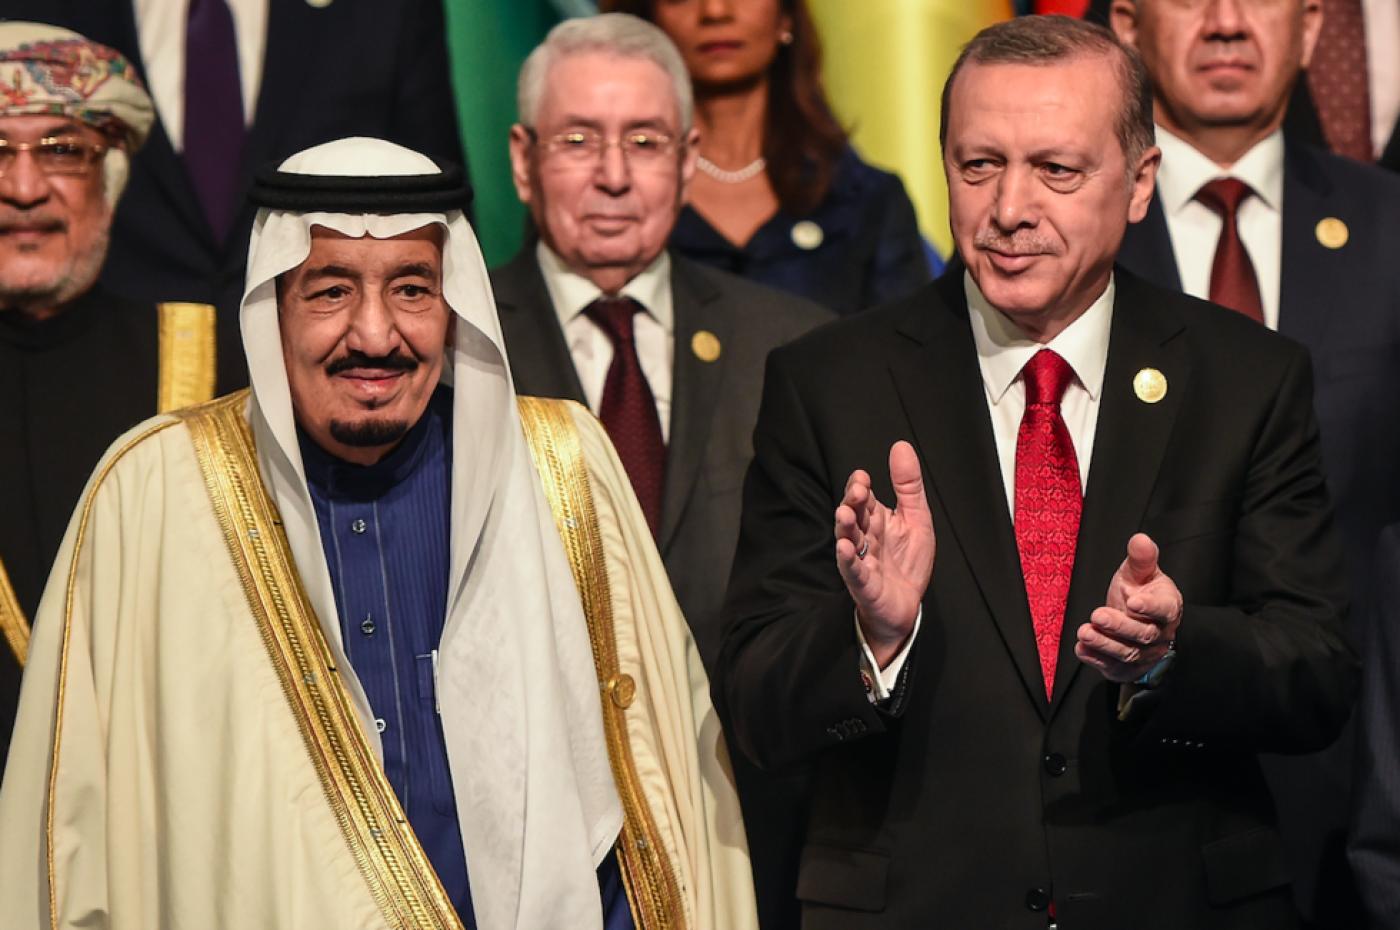 صورة صفحة جديدة سعودية-إماراتية مع تركيا.. والرياض تسلم أنقرة أول رسالة